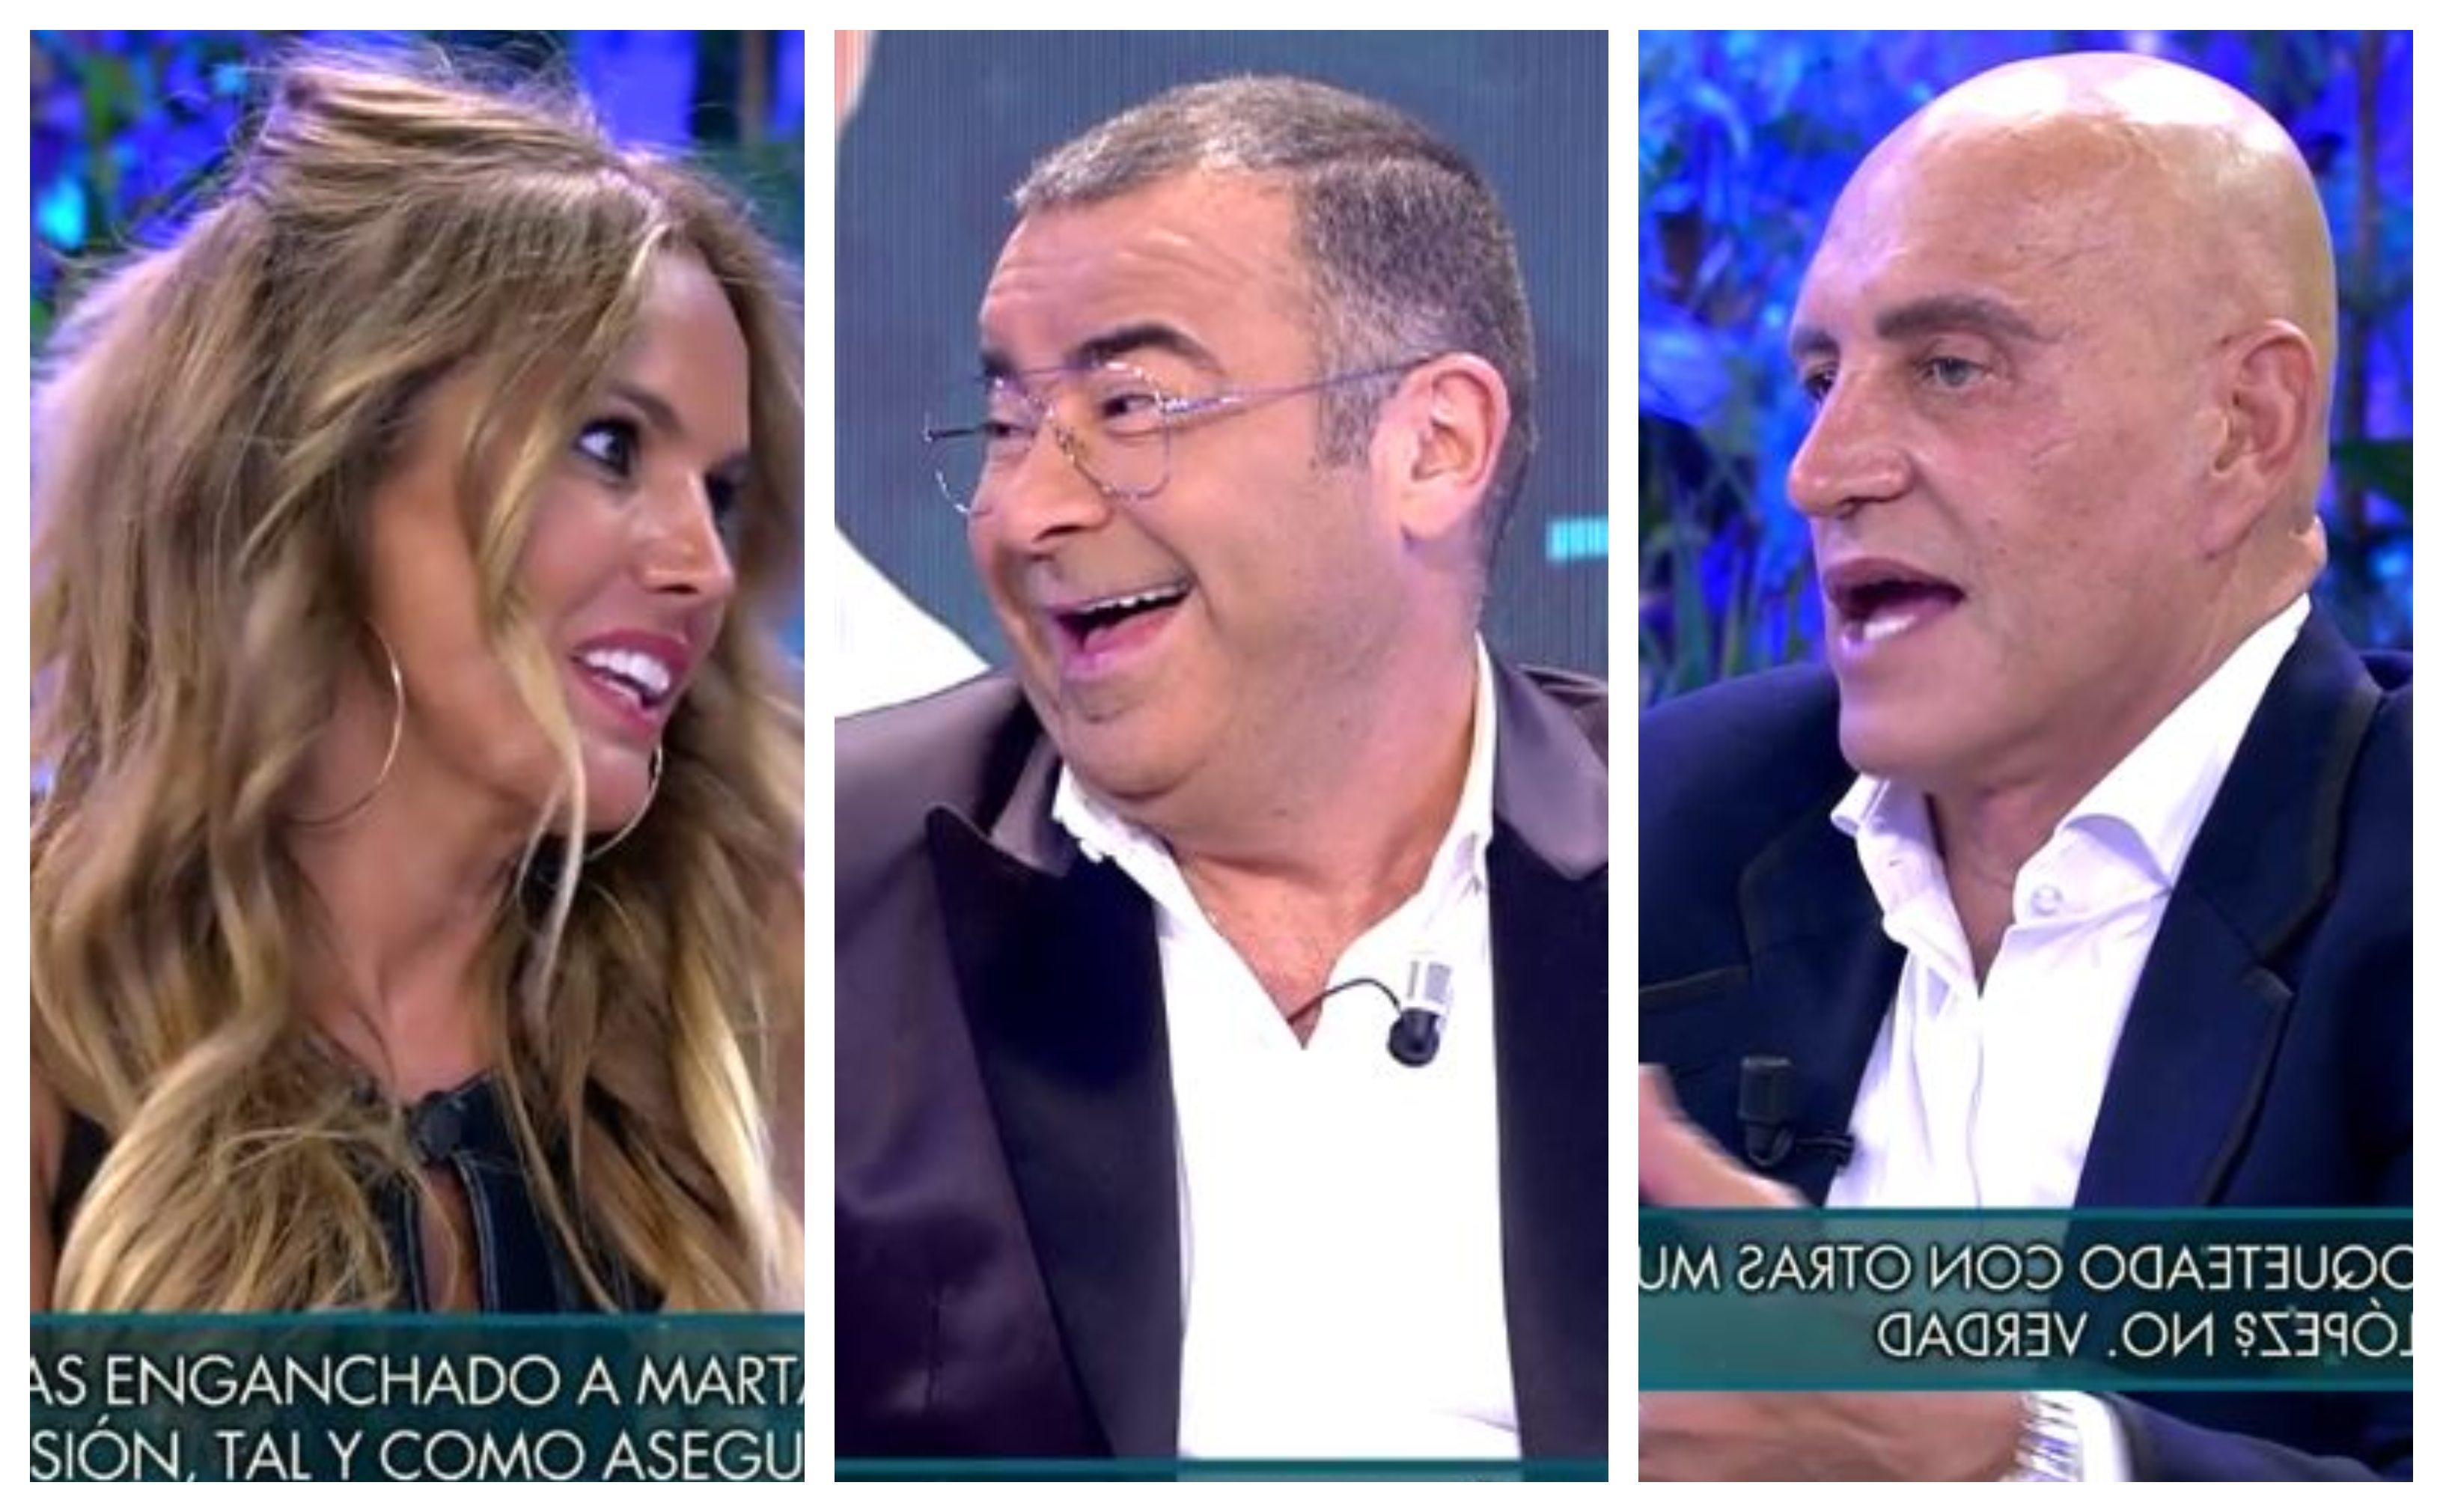 """Mofas de Jorge Javier Vázquez y Kiko Matamoros hacia Marta López por votar a VOX: """"Se nota que no entiendes"""""""